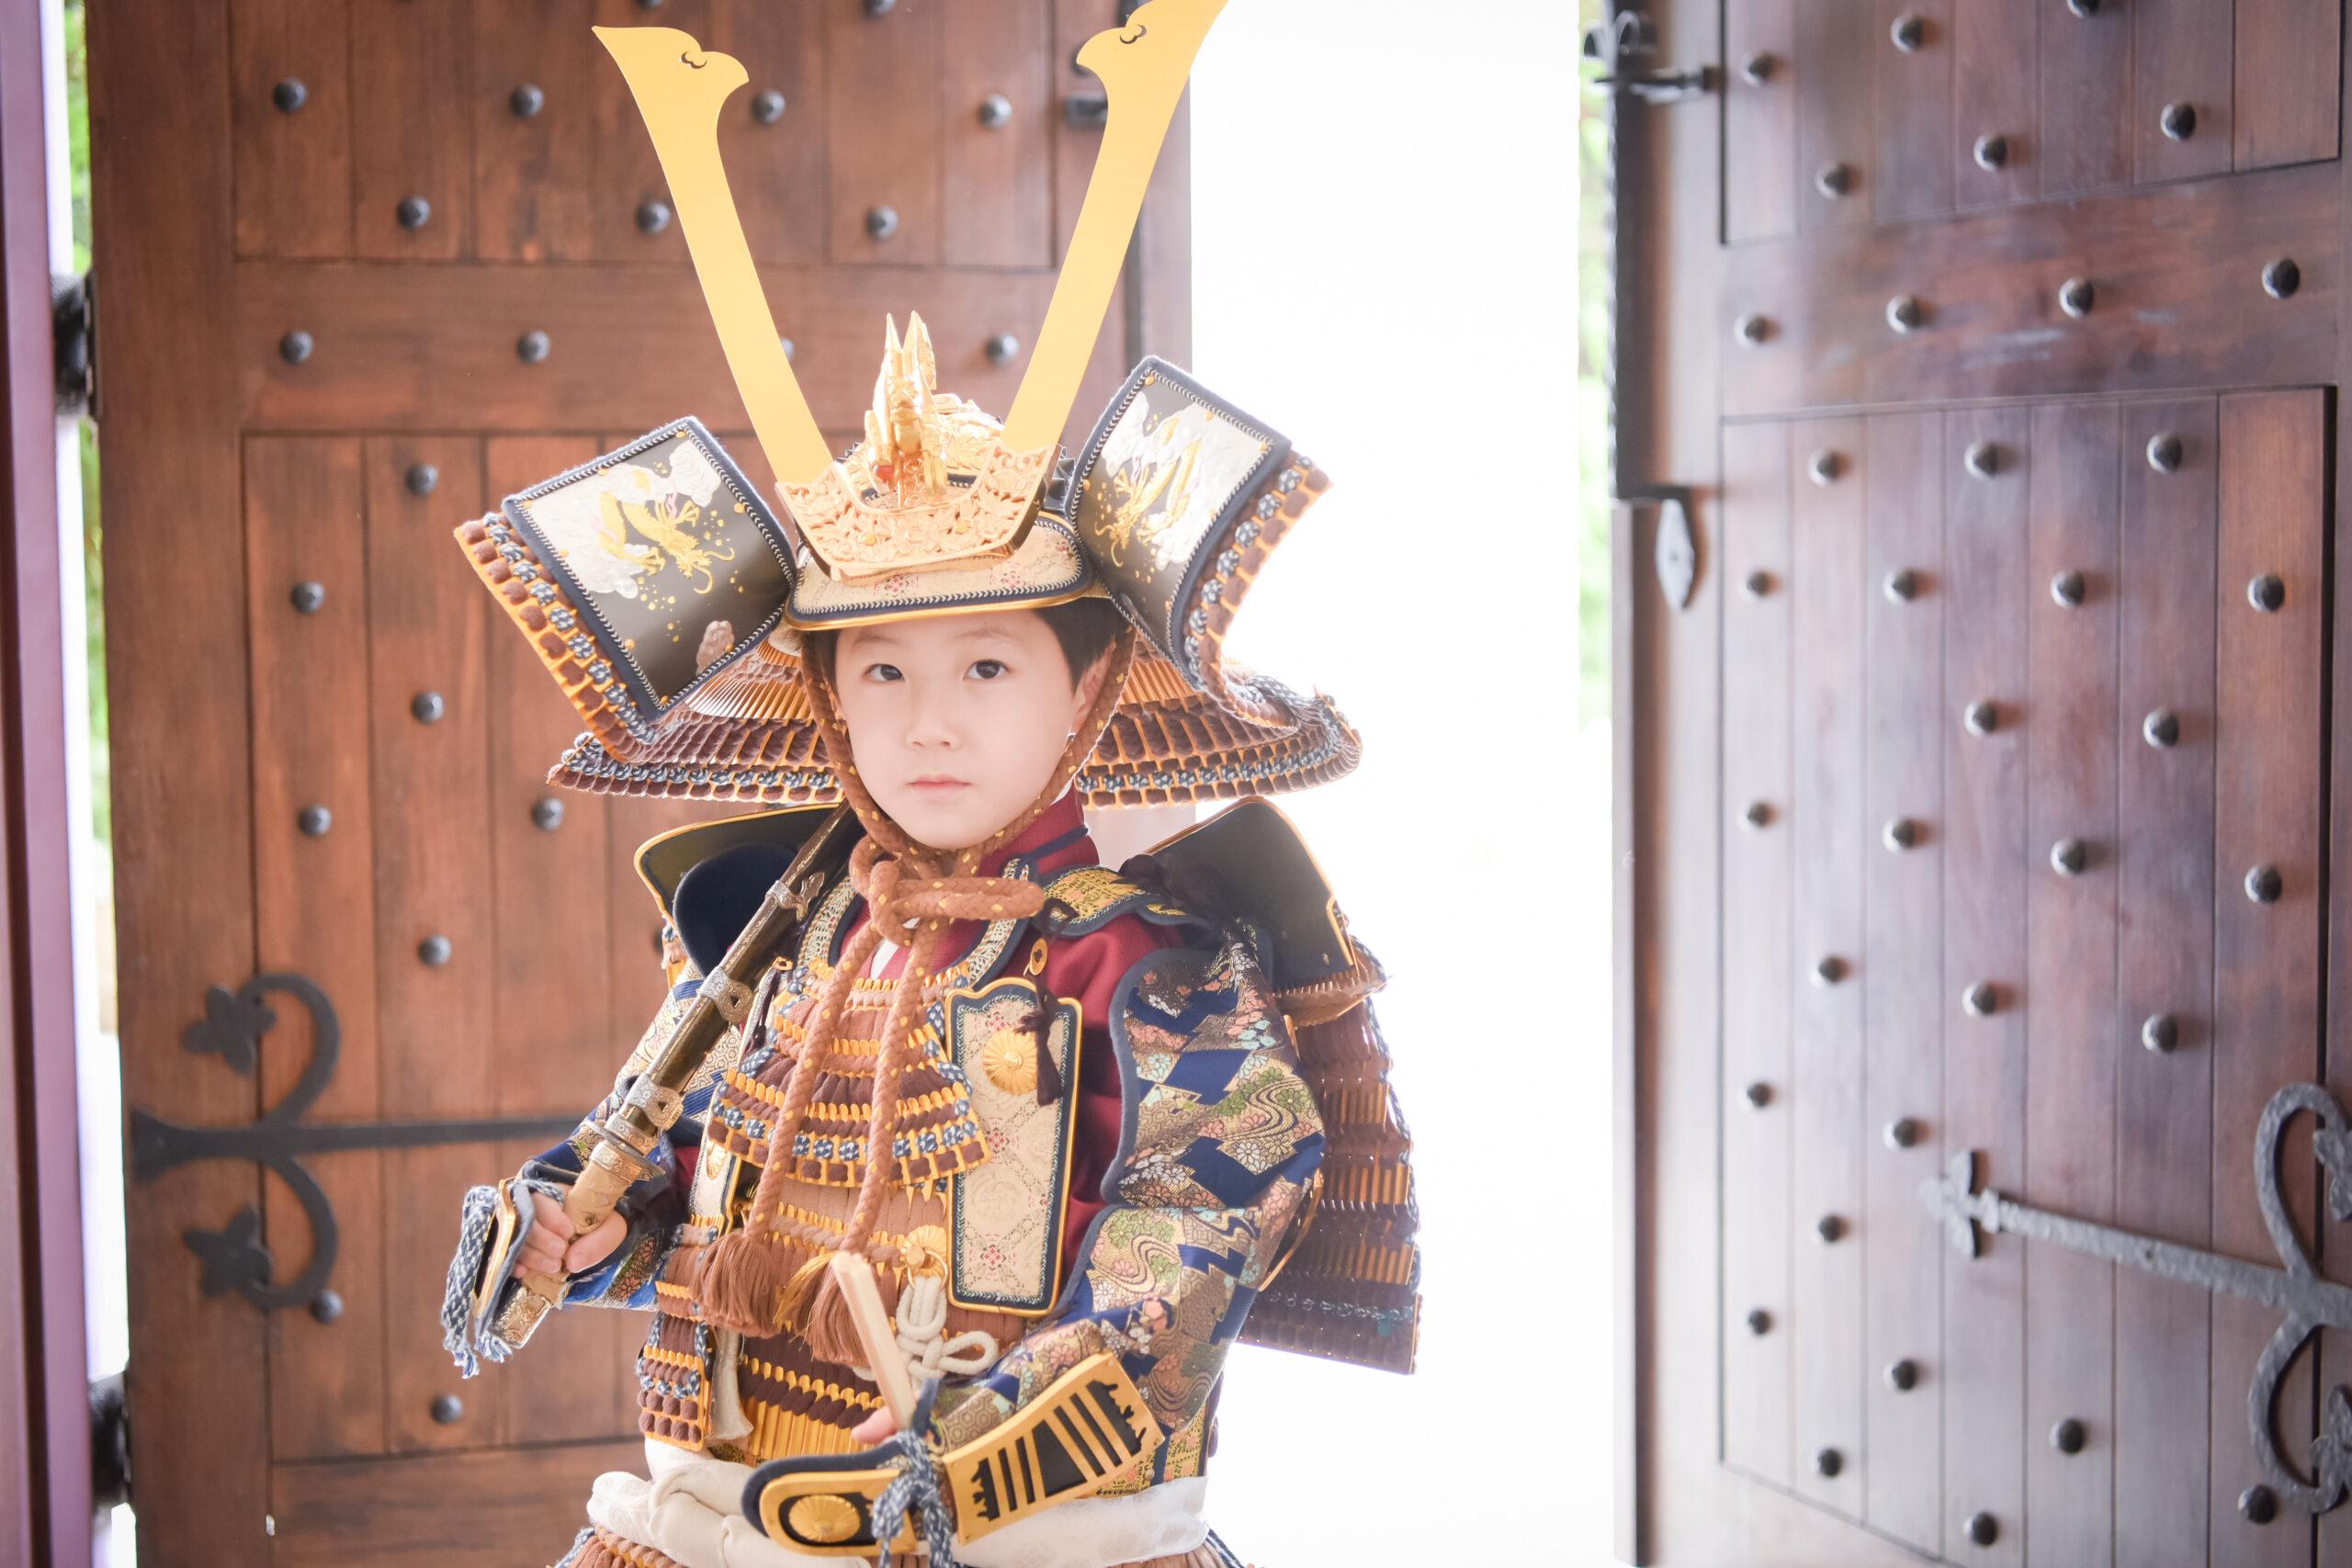 5歳 七五三 ロケーション撮影 753 絹屋 熊谷 フォトスタジオ 写真館 兜